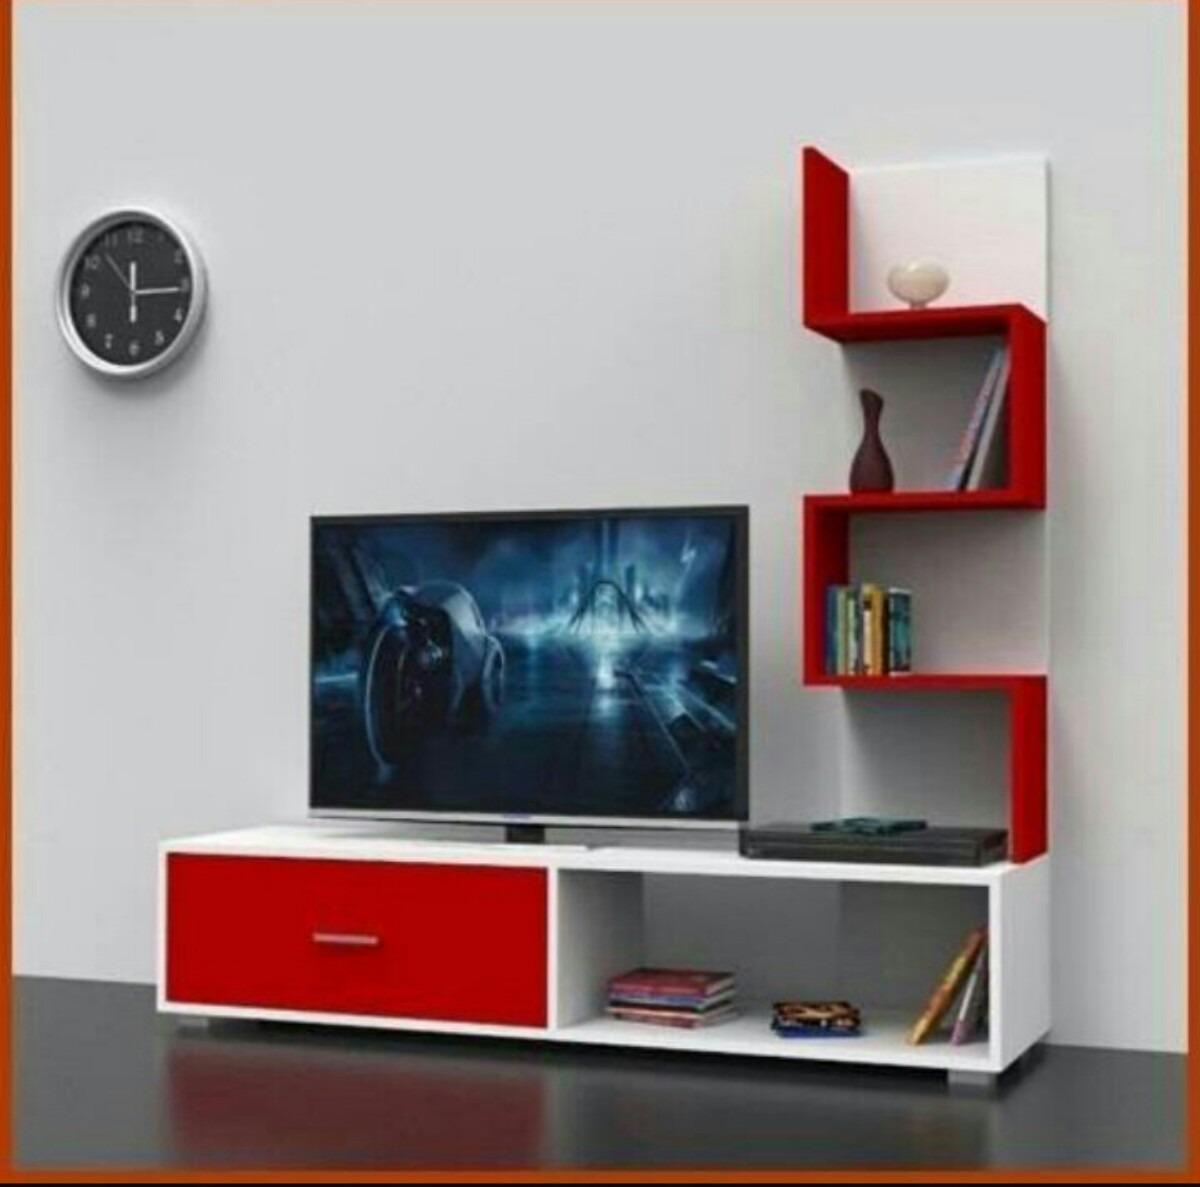 Centro de entretenimiento tv mdf modernos bs for Modelos de muebles modernos